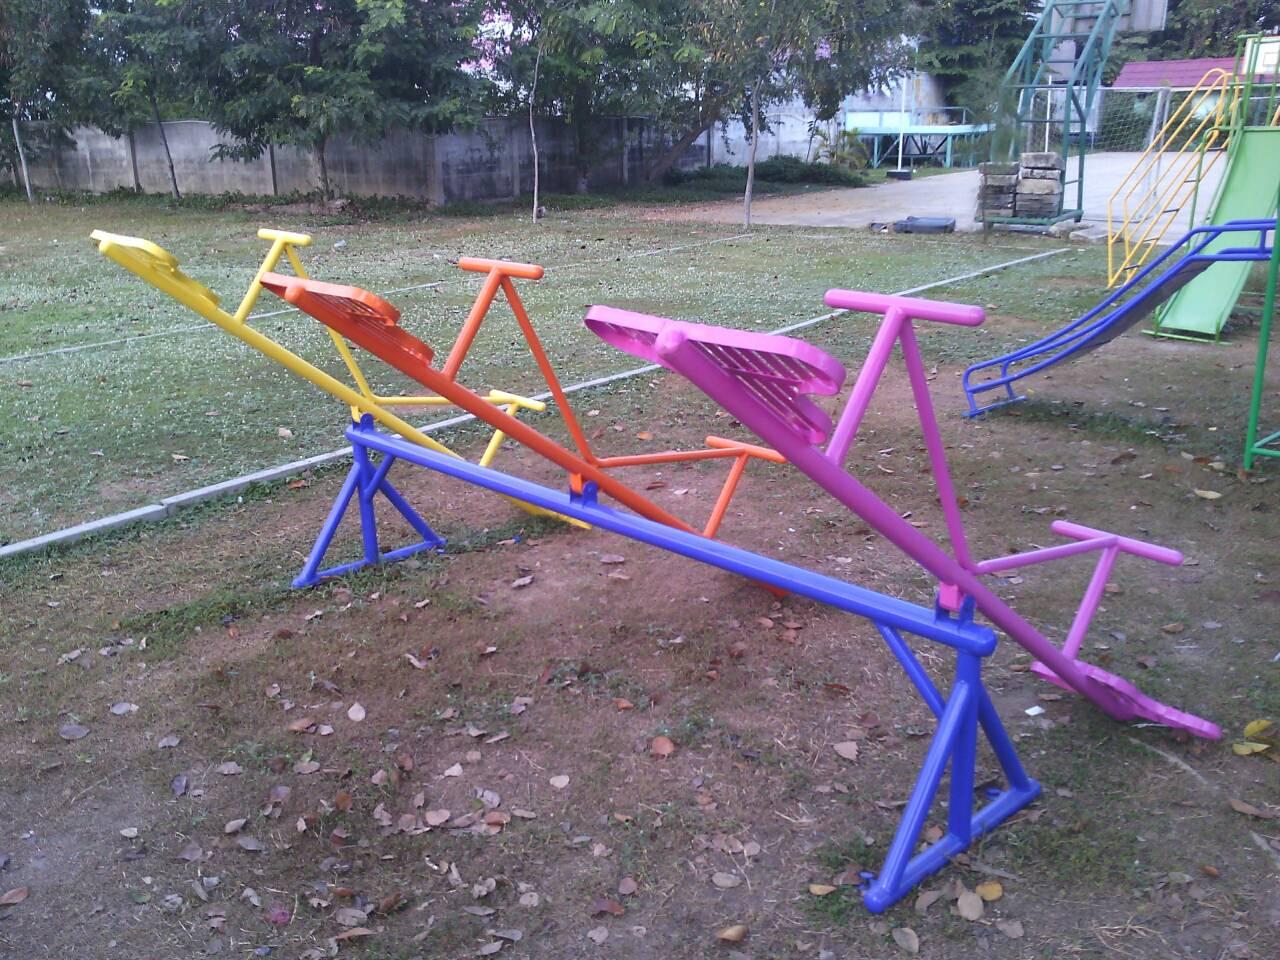 รหัส PG ผลงานติดตั้ง (หมู่บ้านสุชา-บางบัวทอง จ.นนทบุรี) เครื่องเล่นสนามกลางแจ้งสำหรับเด็ก